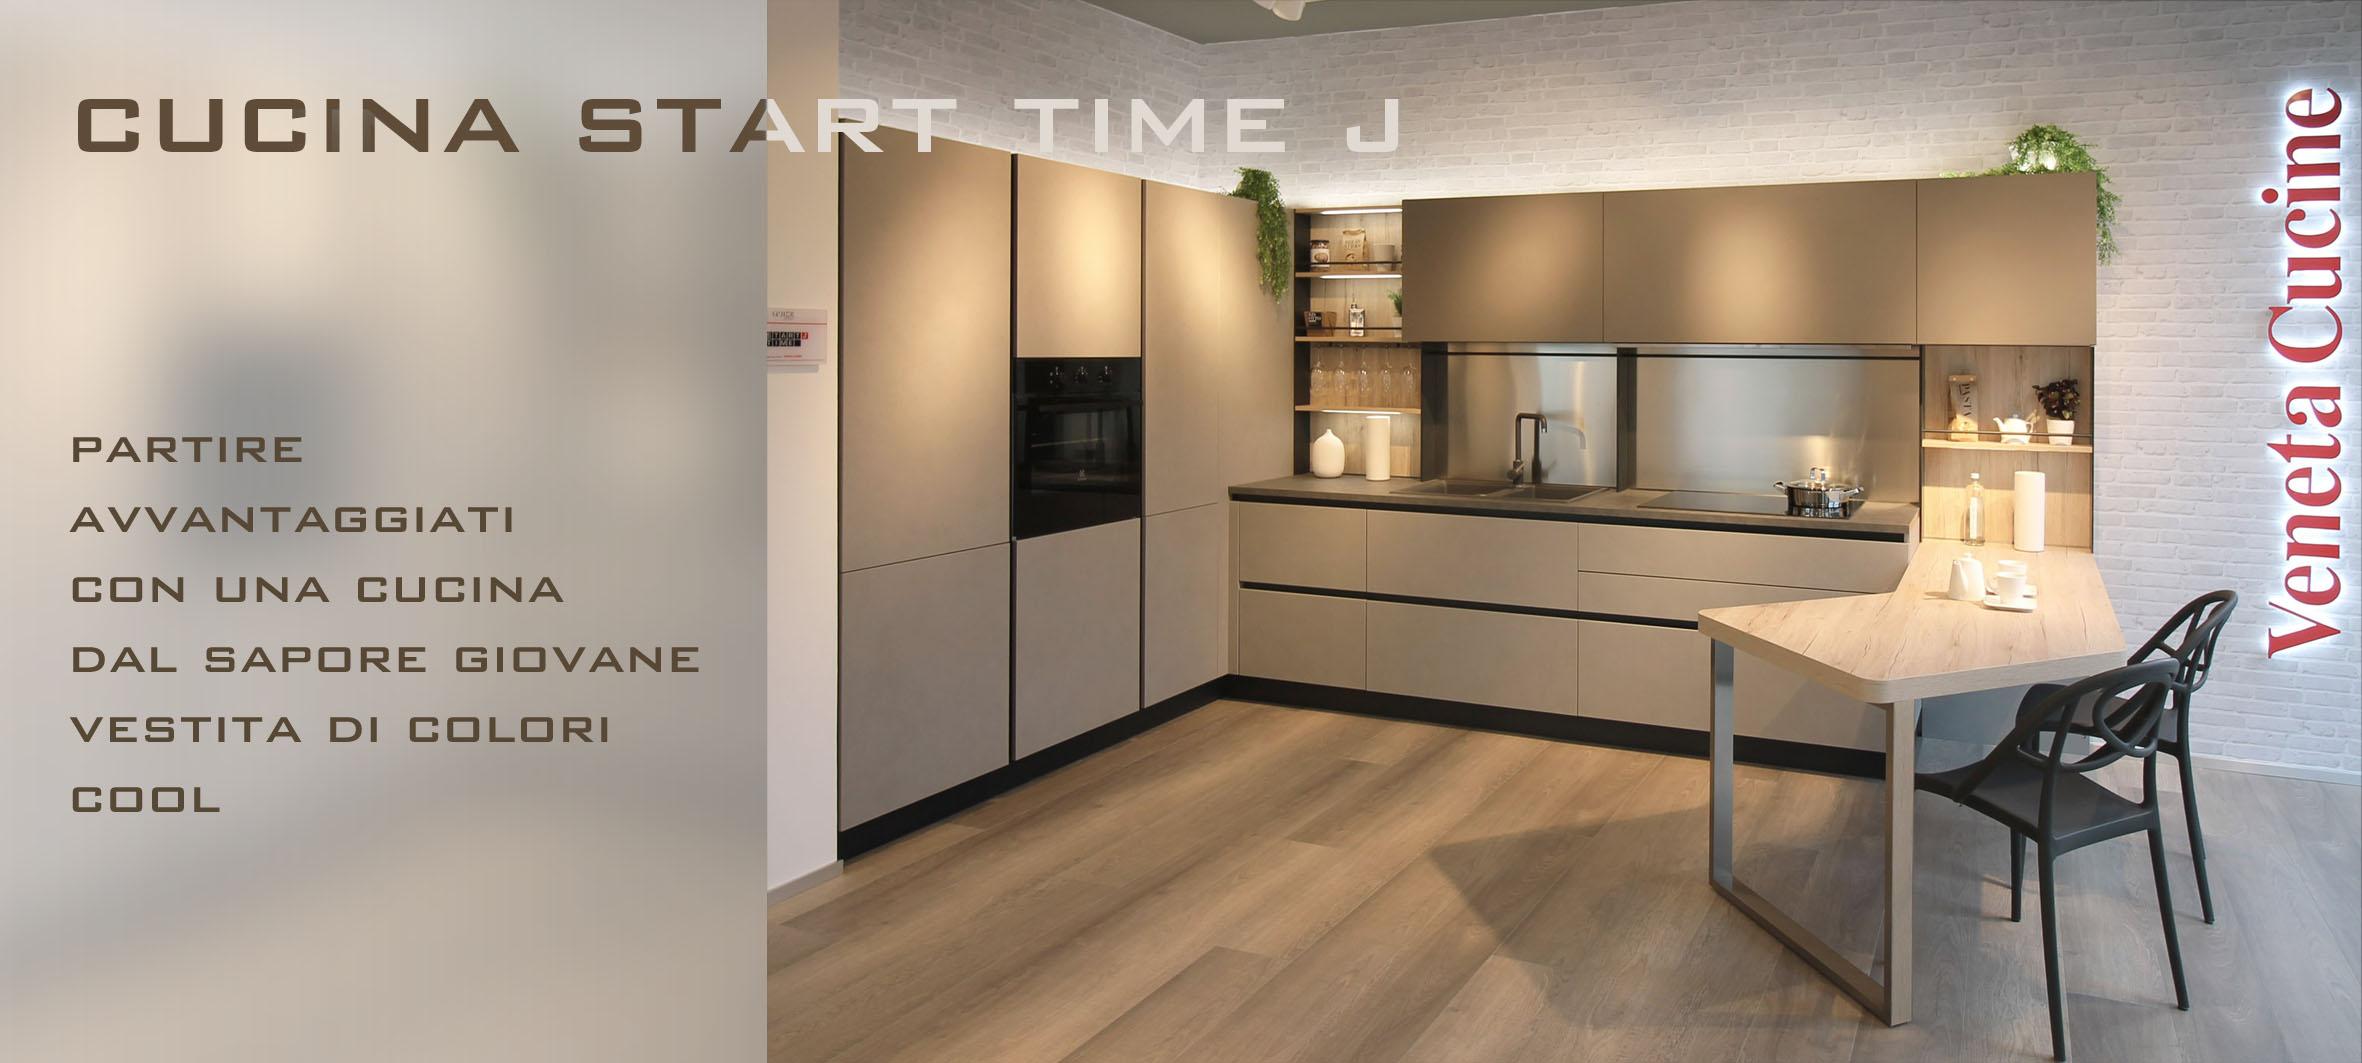 smart_time_J_nf